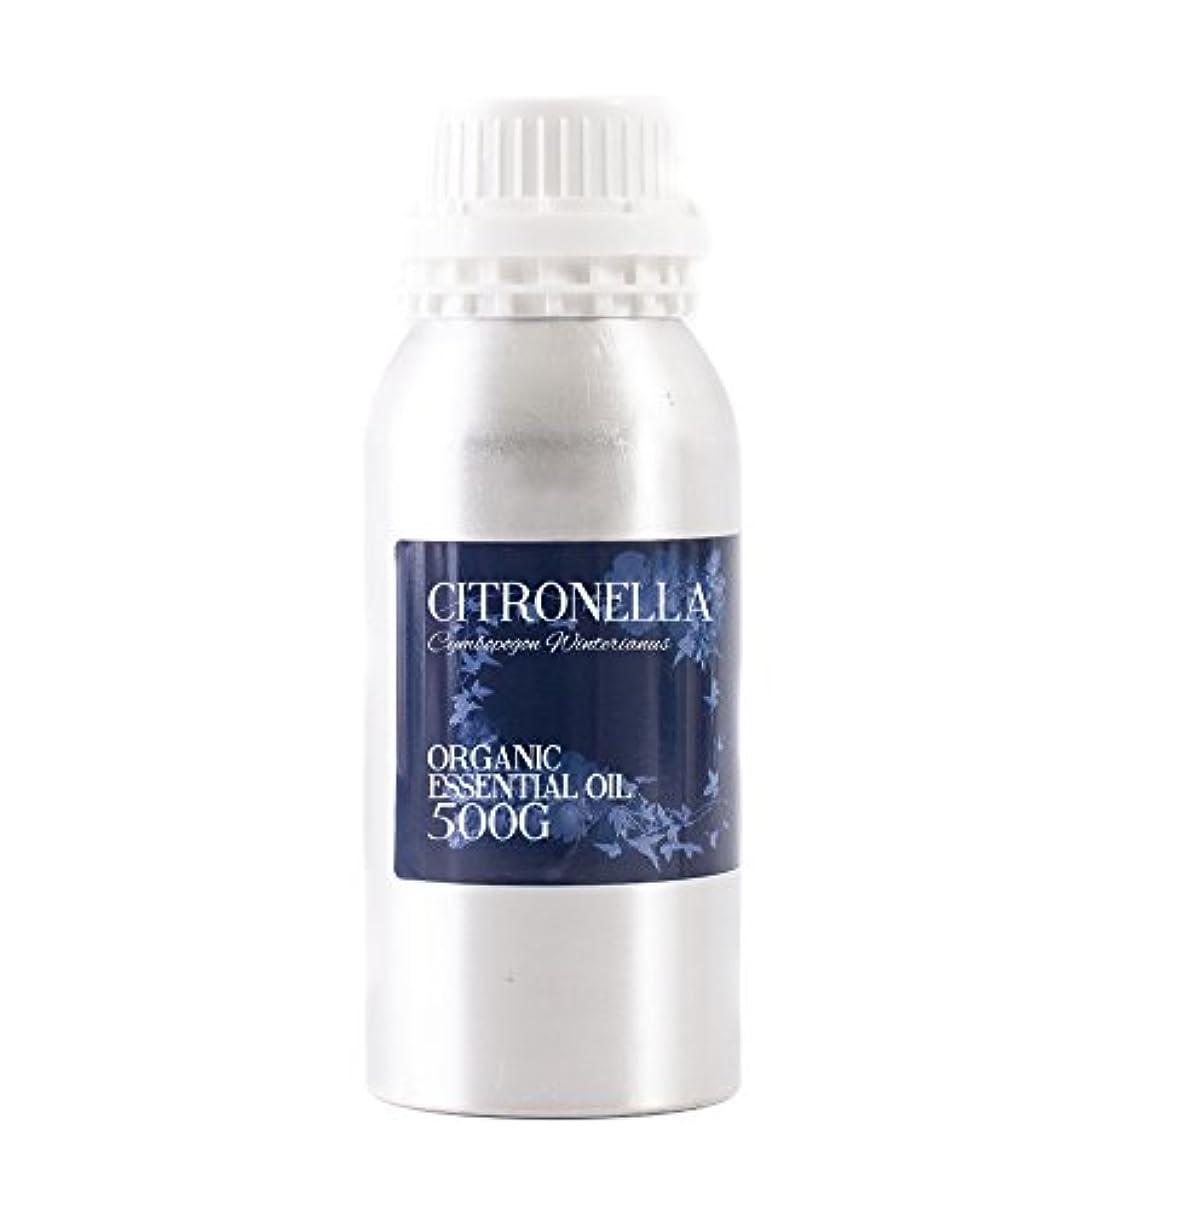 Mystic Moments | Citronella Organic Essential Oil - 500g - 100% Pure